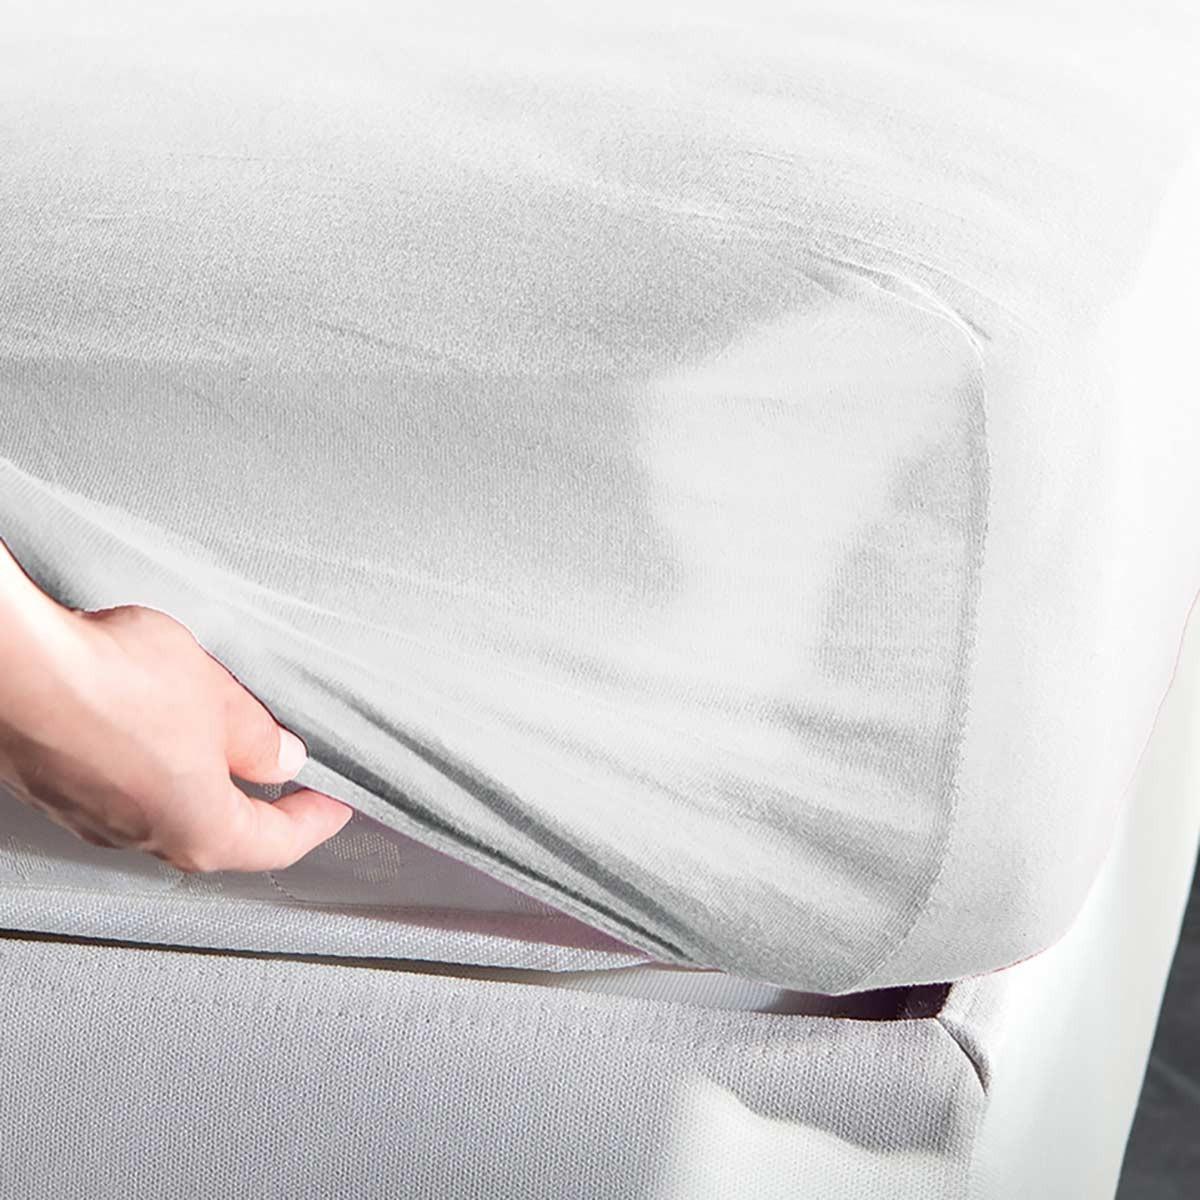 Σεντόνι Μακό Ημίδιπλο Με Λάστιχο La Luna Jersey home   κρεβατοκάμαρα   σεντόνια   σεντόνια μεμονωμένα